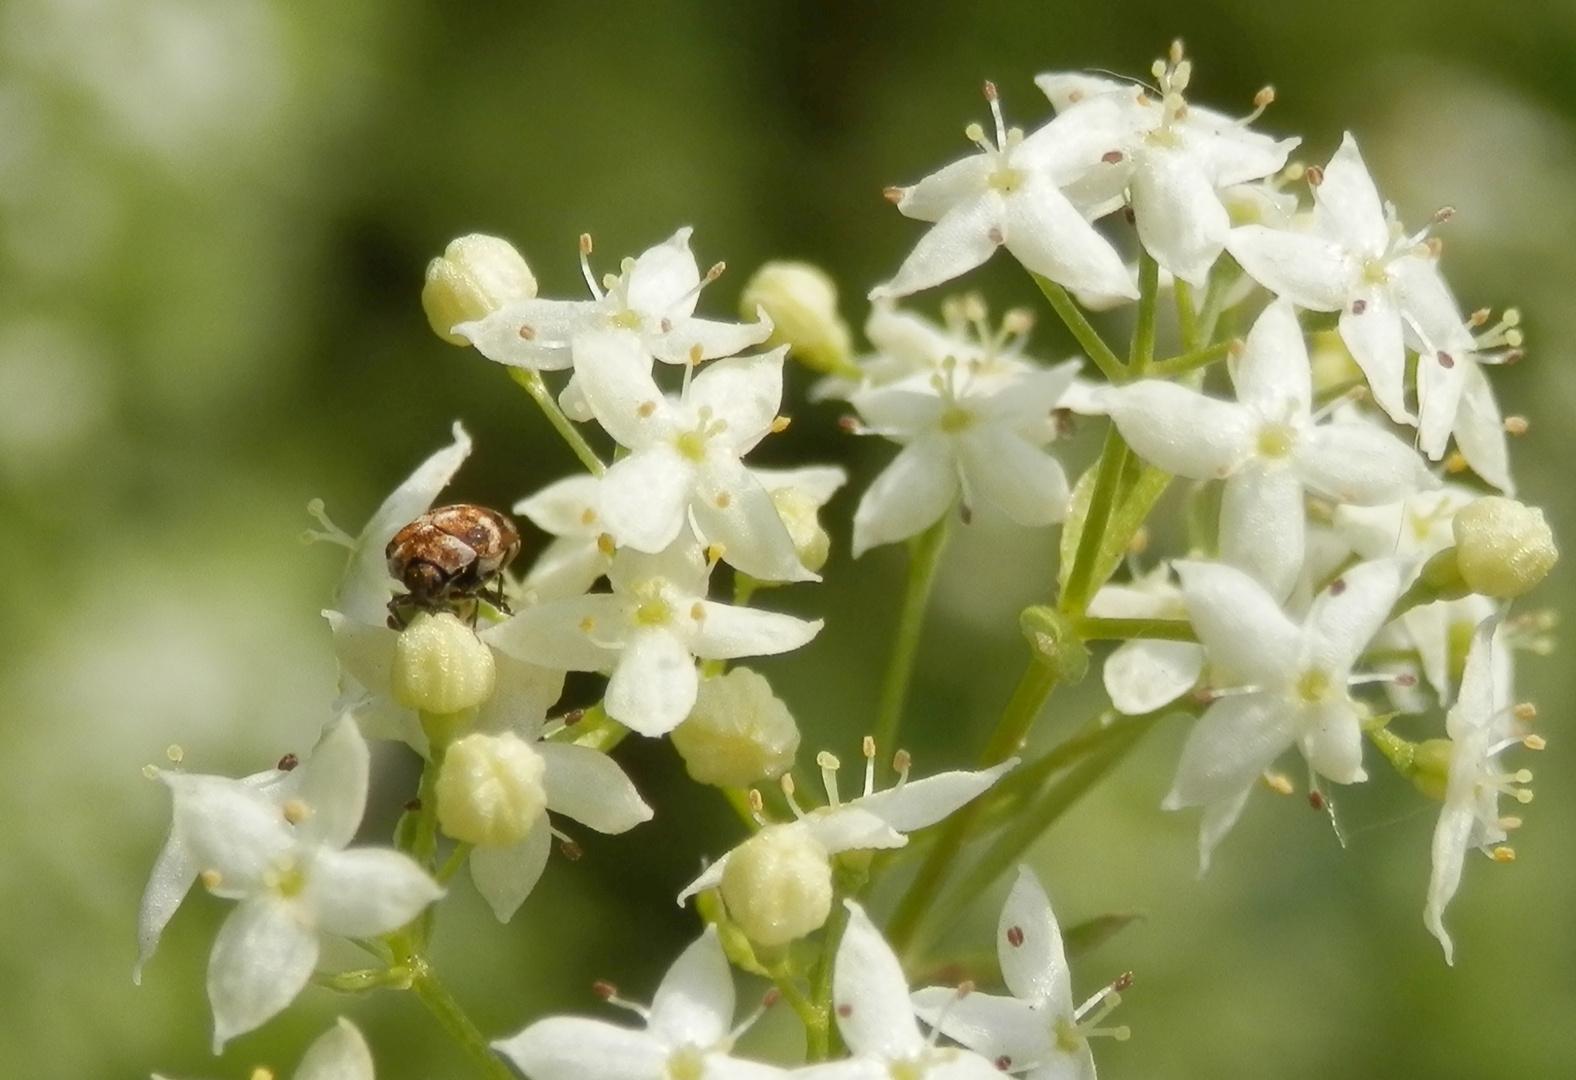 Wollkrautblütenkäfer (Anthrenus verbasci)